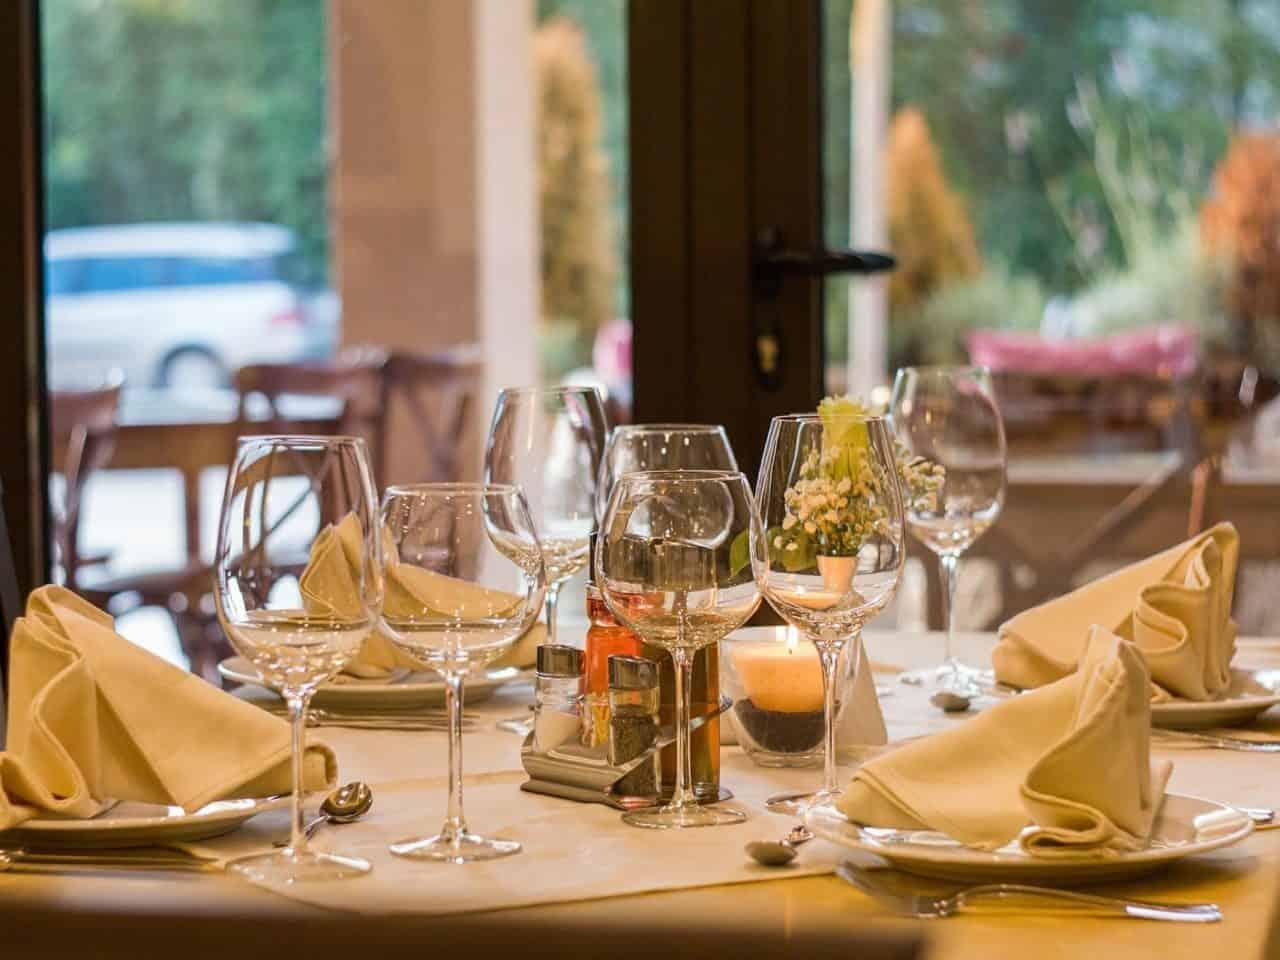 https://pr-helden.de/wp-content/uploads/2020/12/restaurant-449952_1920-1280x960.jpg